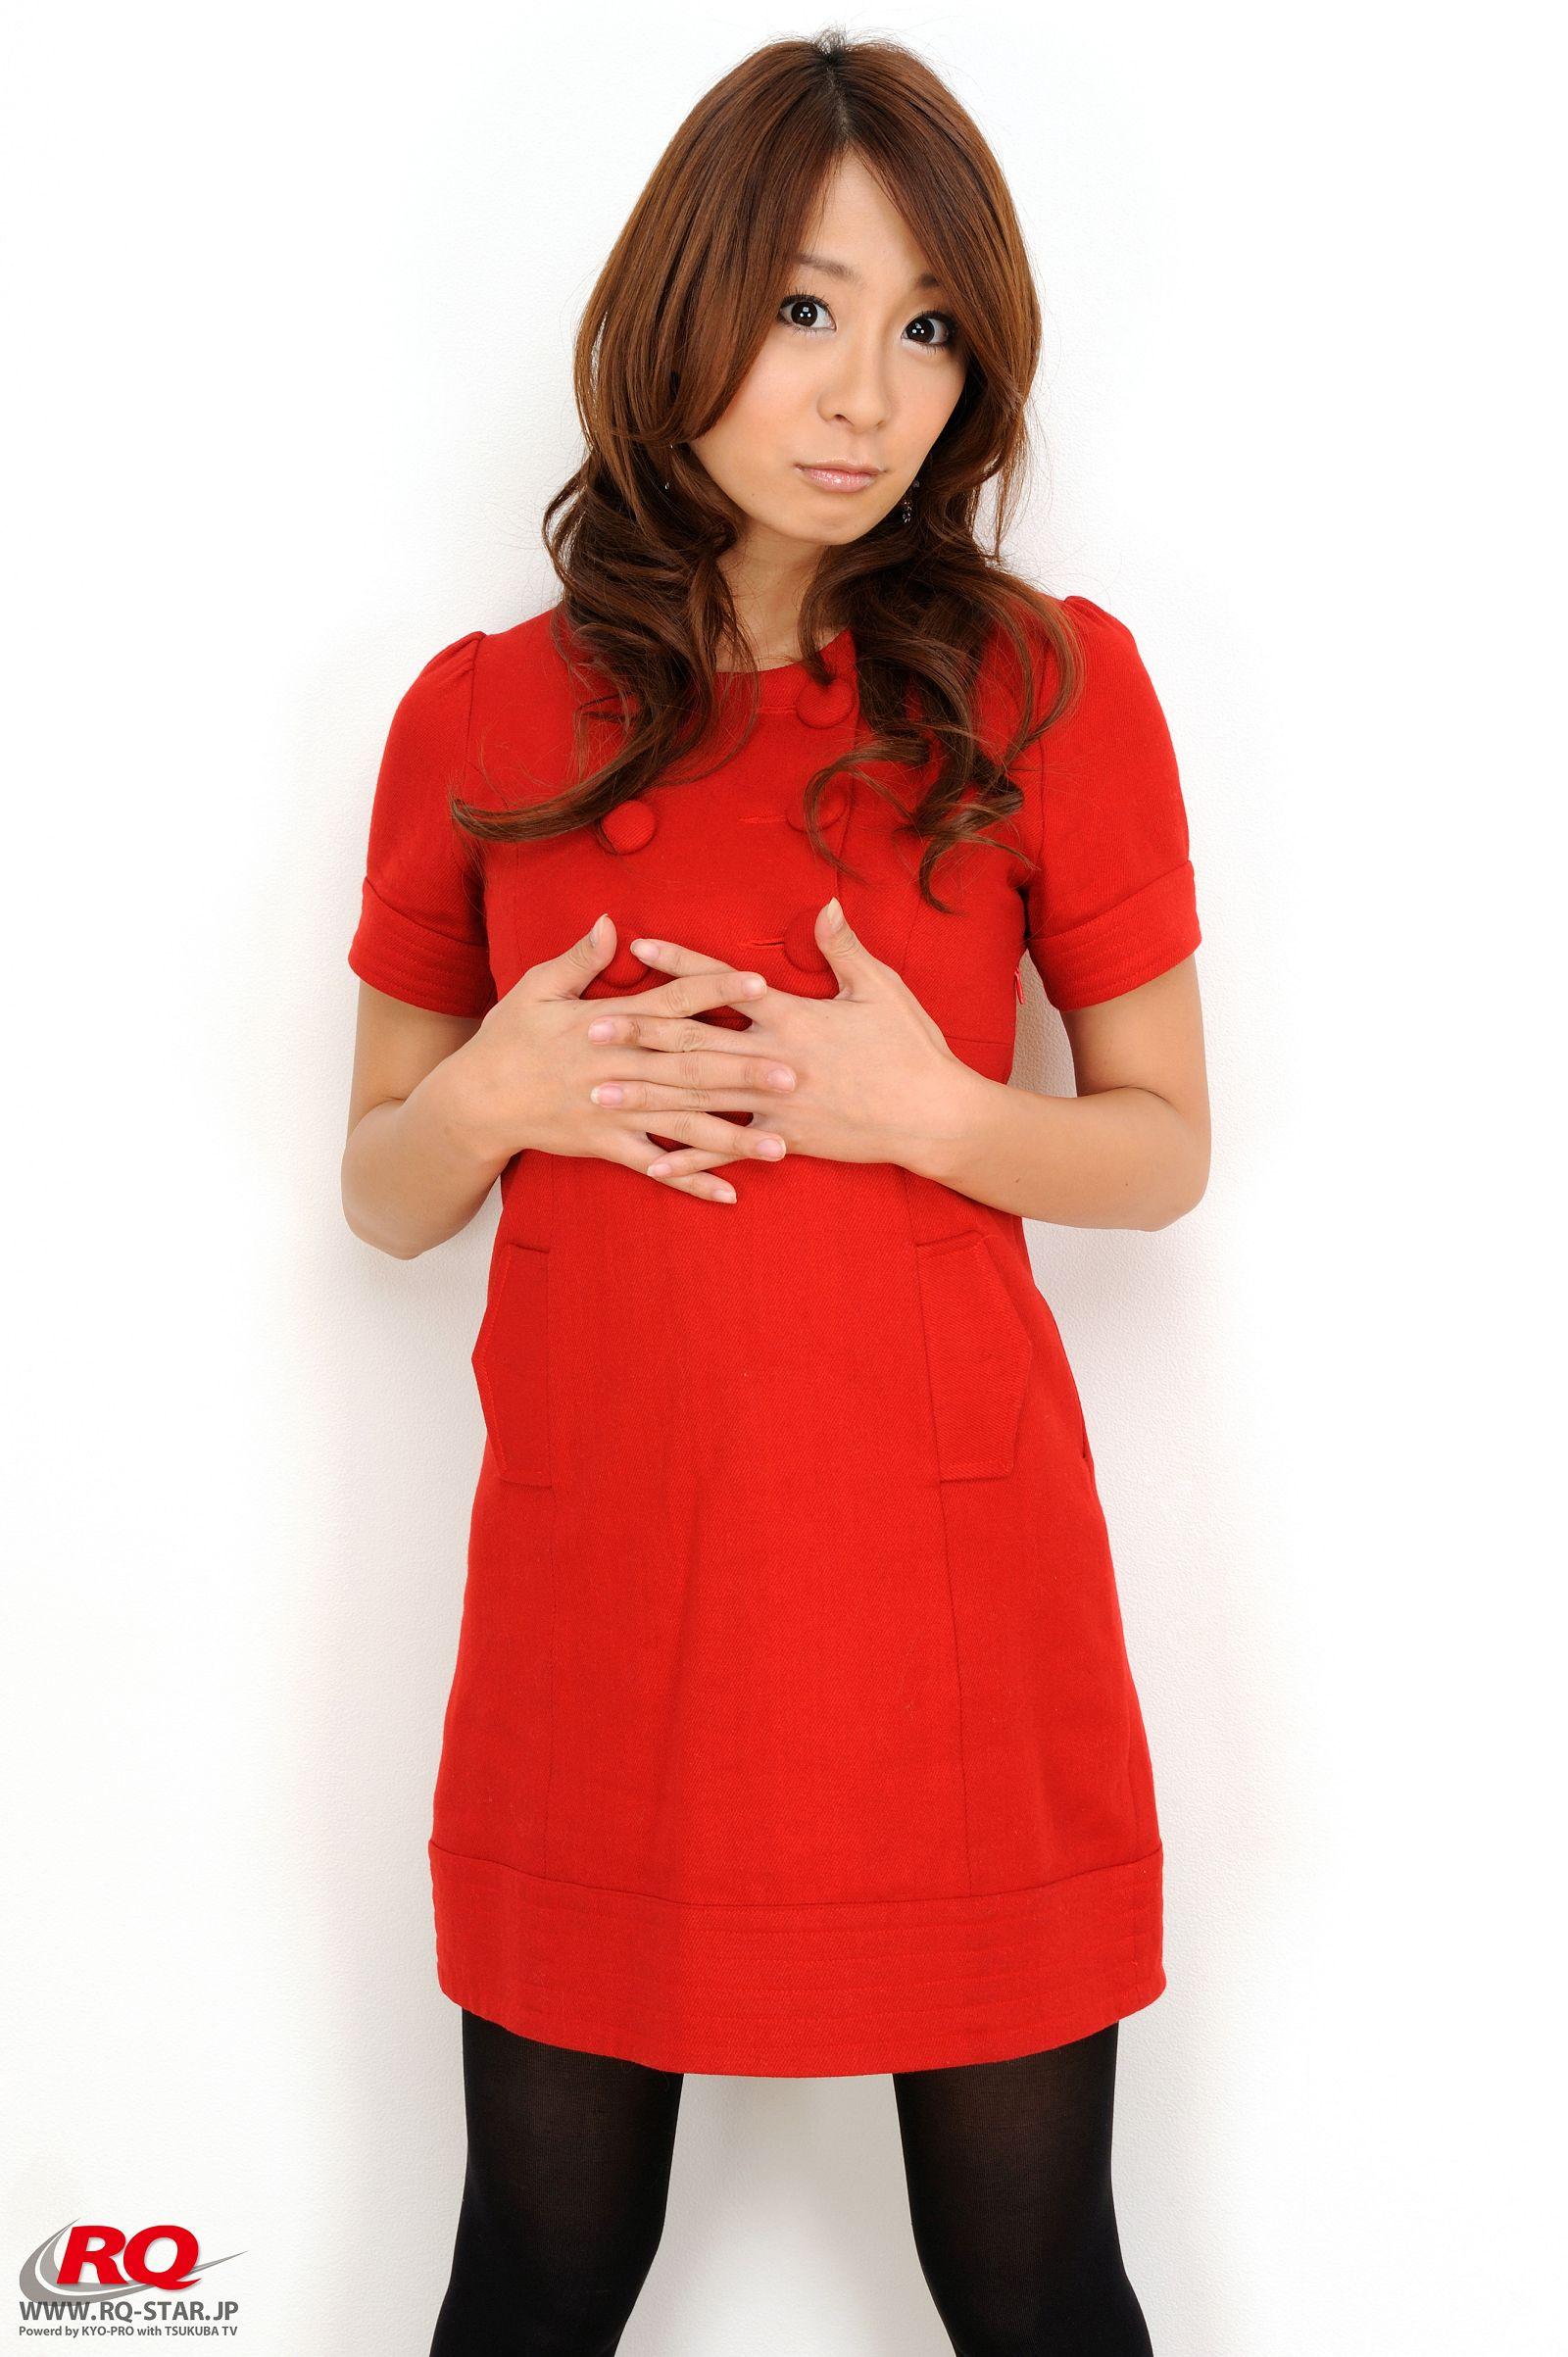 [RQ STAR美女] NO.00102 Yuuki Aikawa 相川友希 Private Dress[90P] RQ STAR 第2张